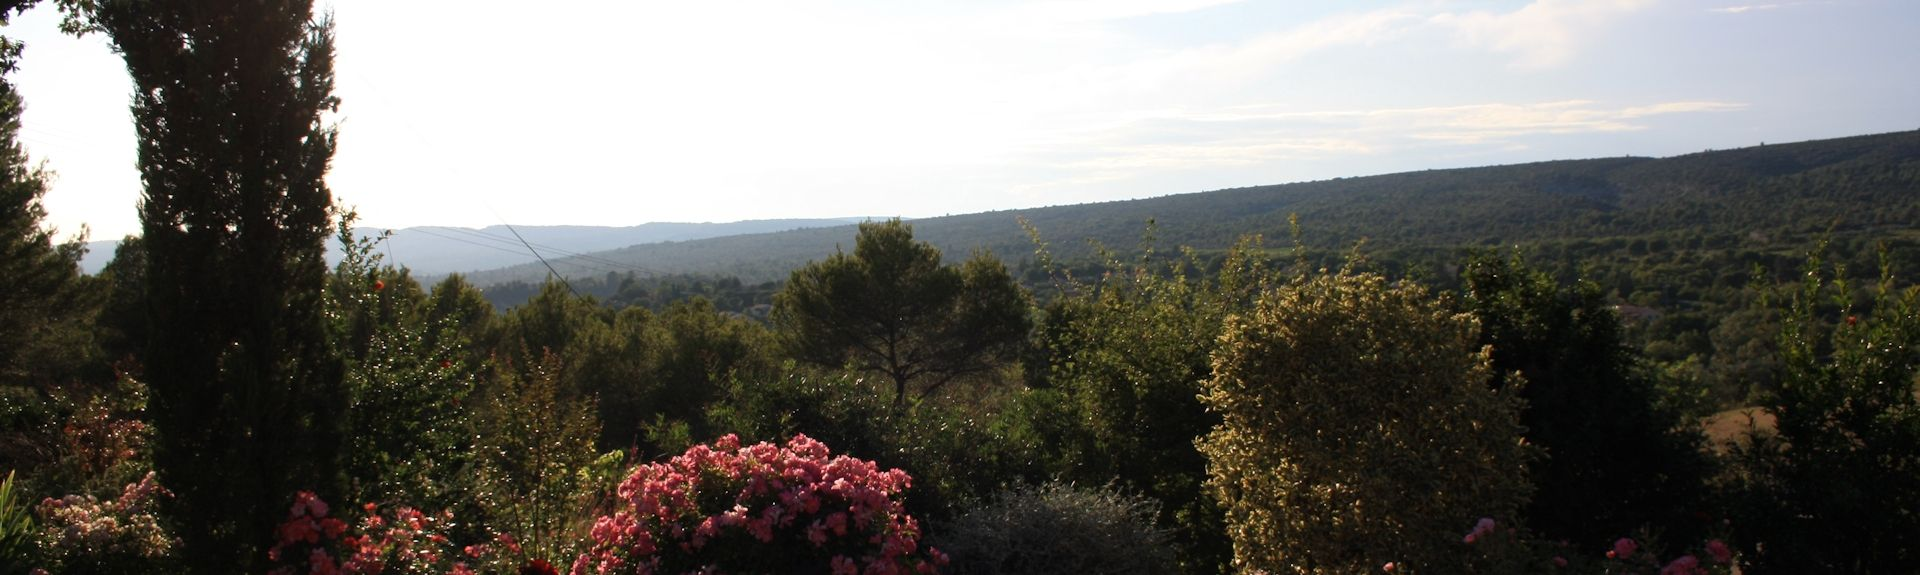 Castellet, France